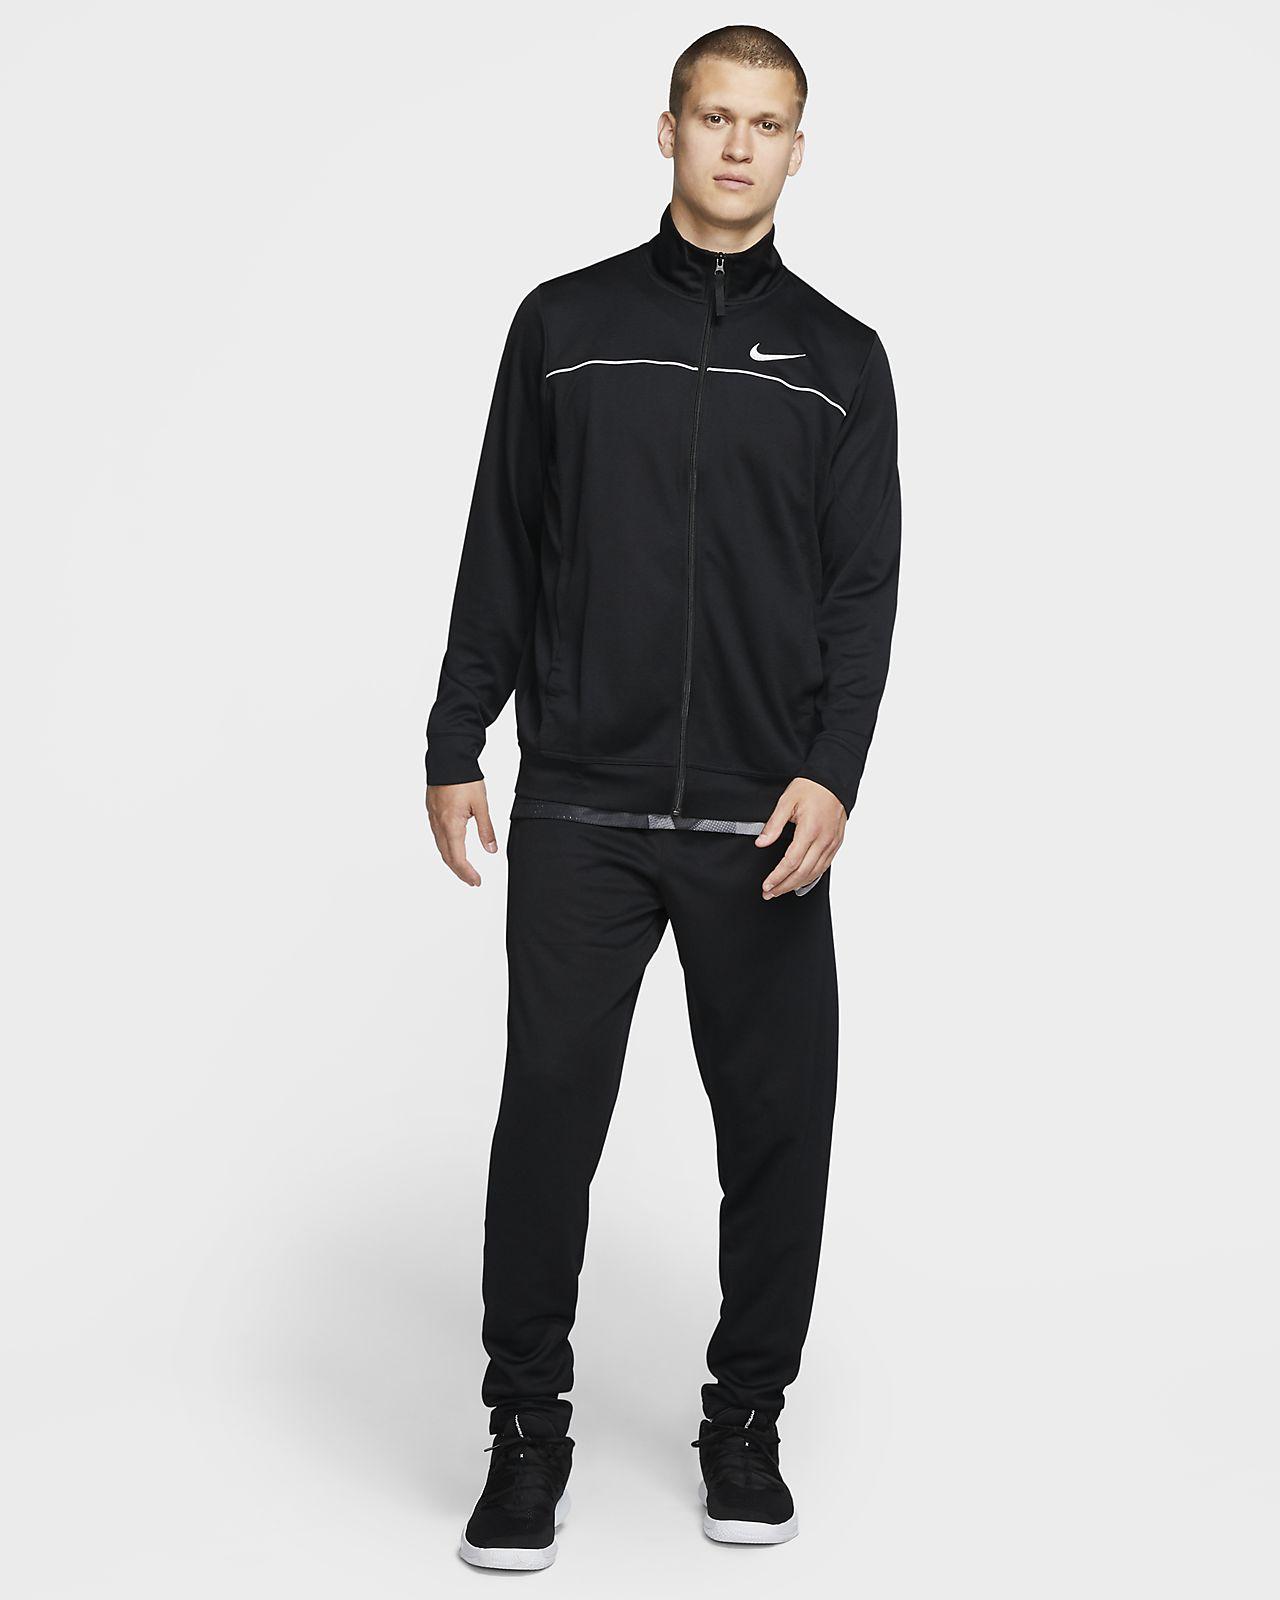 Survêtement de basketball Nike Rivalry pour Homme